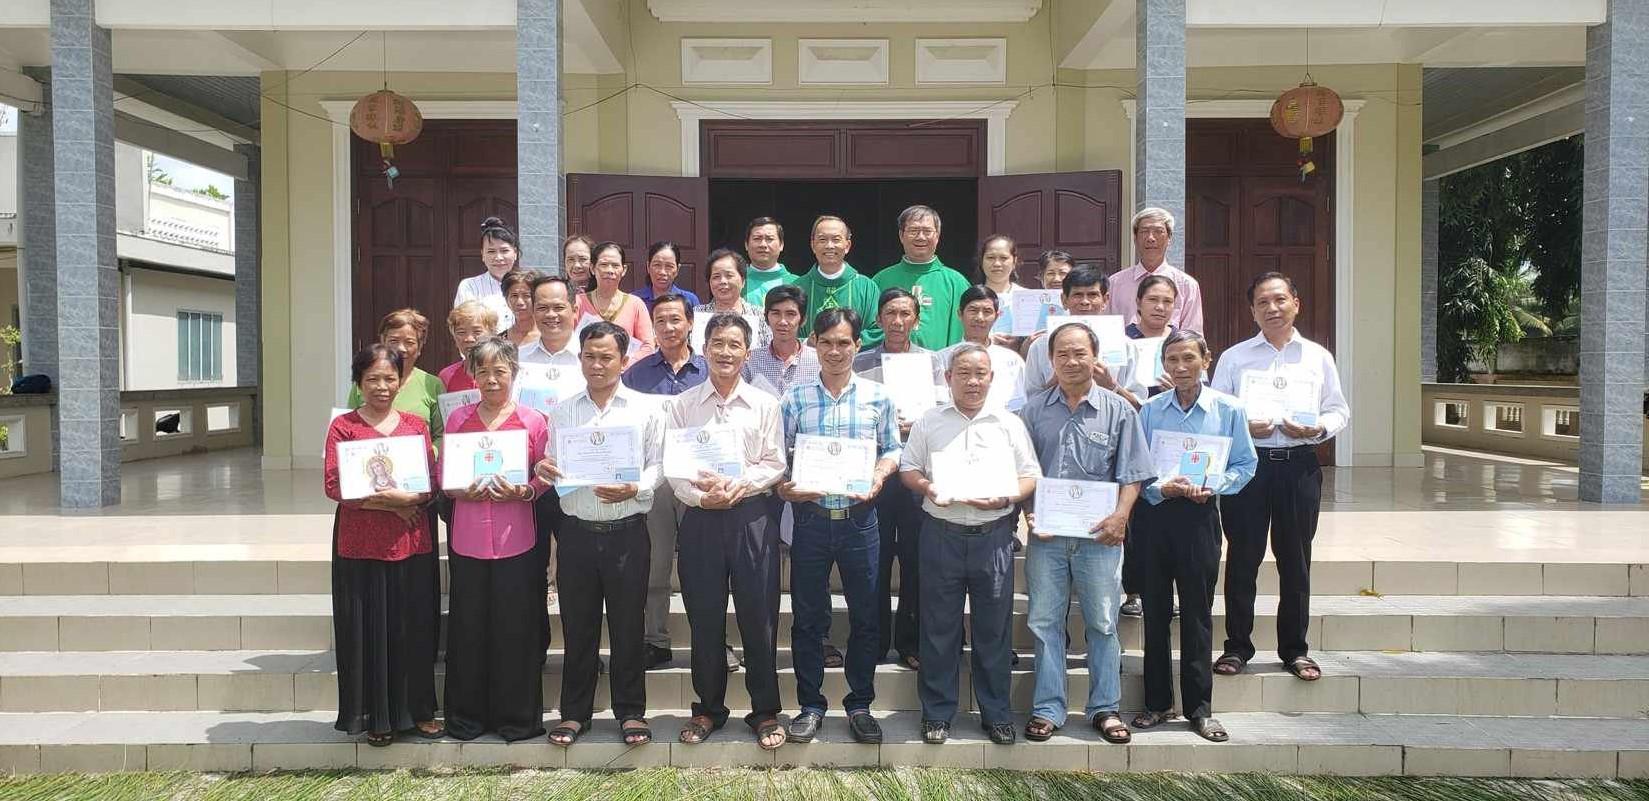 Thâu nhận hội viên Caritas tại họ đạo Đức Hòa - Hạt Mai Phốp